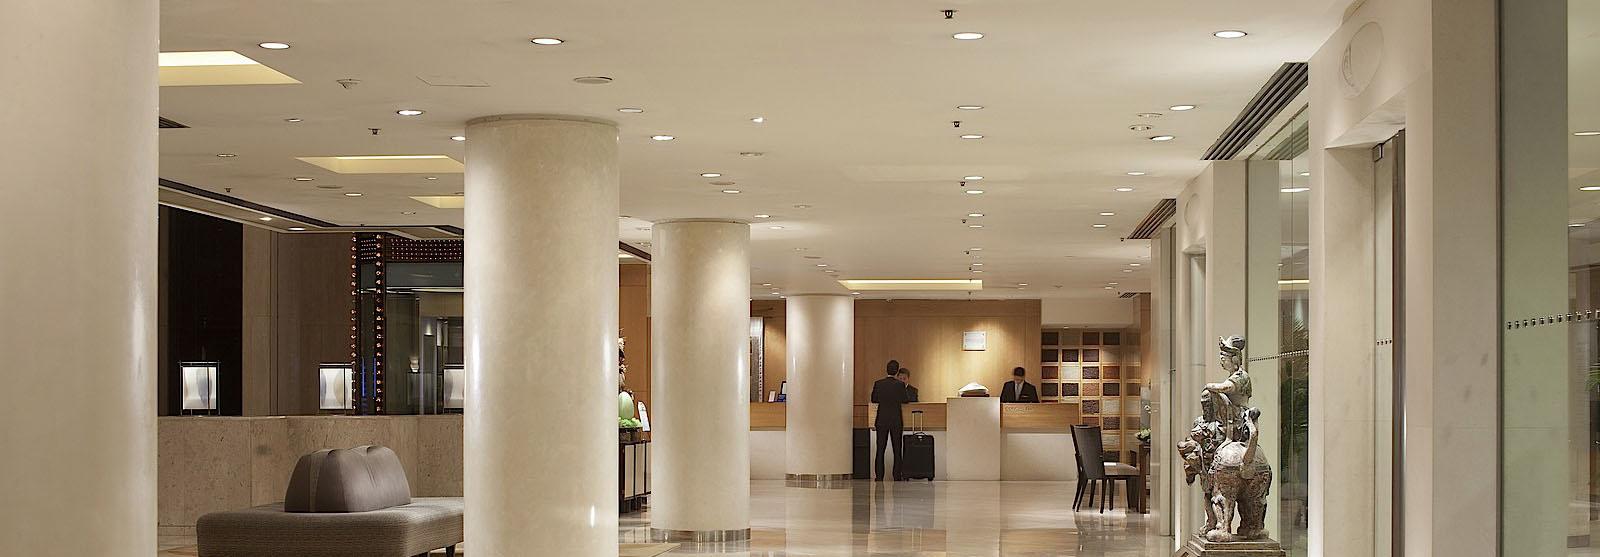 LED Lampen kantoor